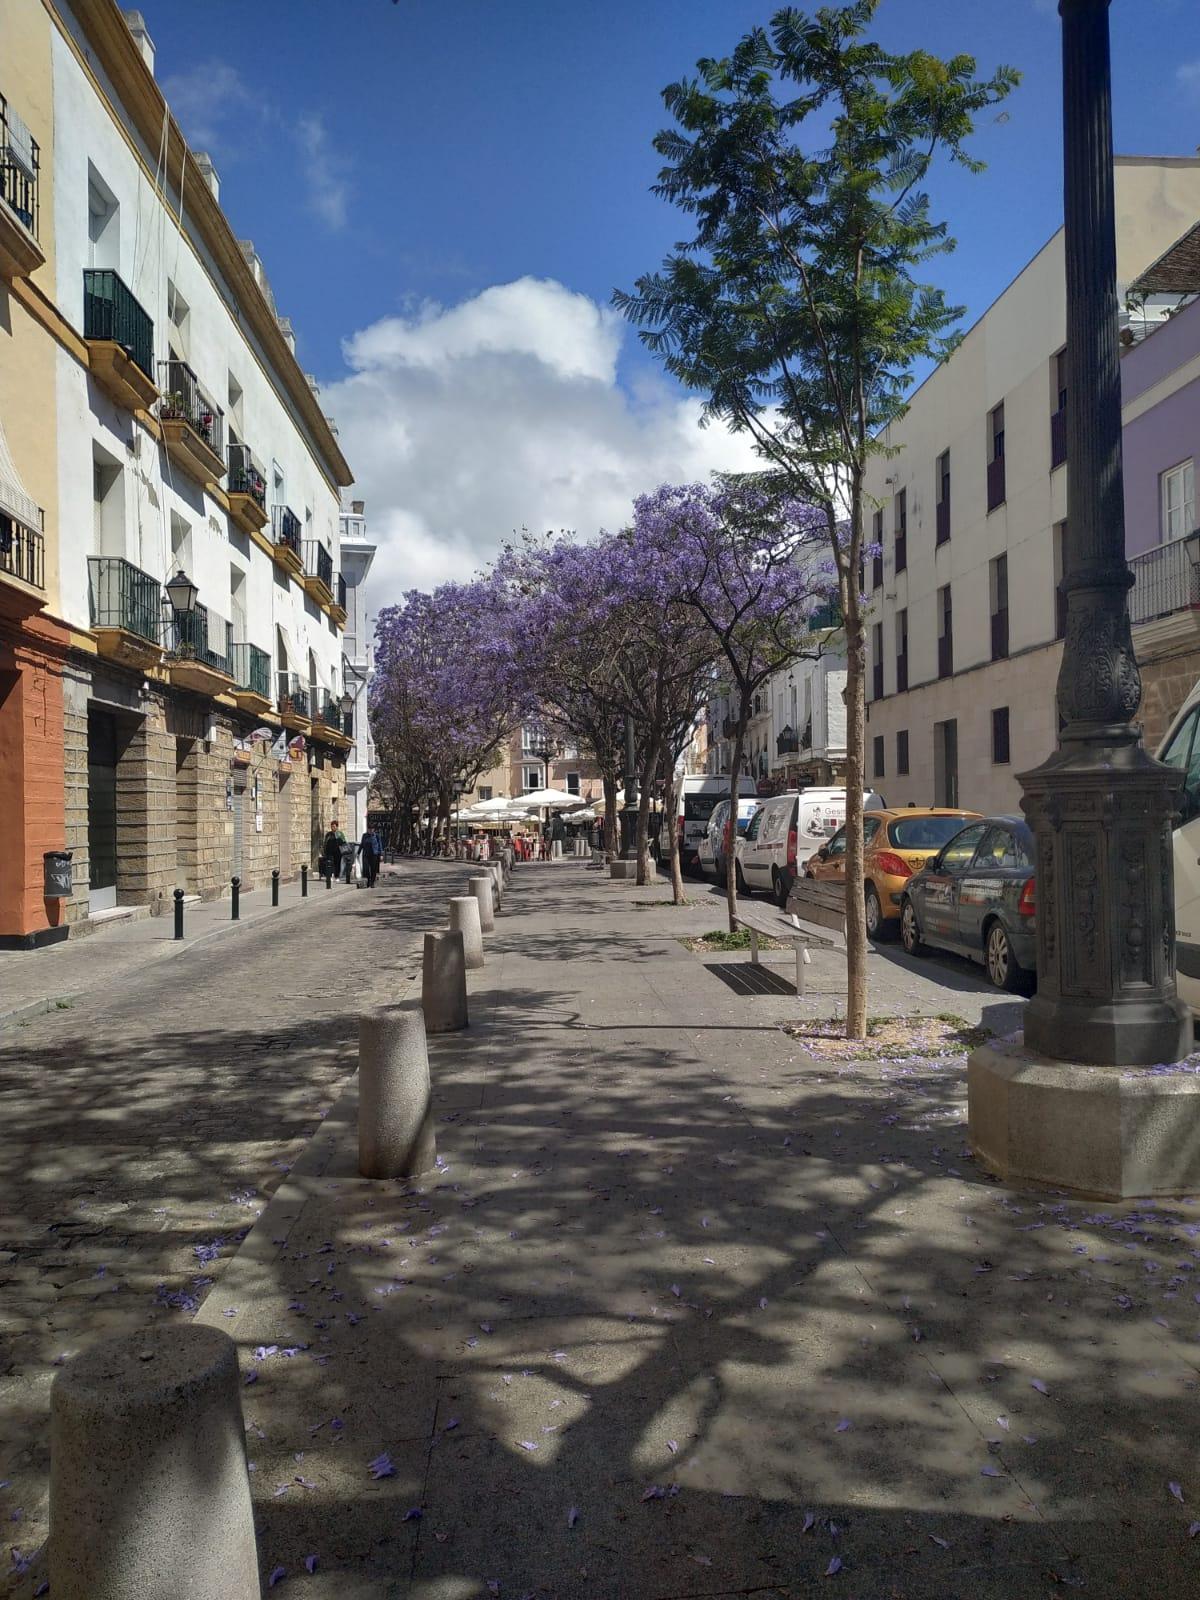 Plaza del Mentidero, Cádiz